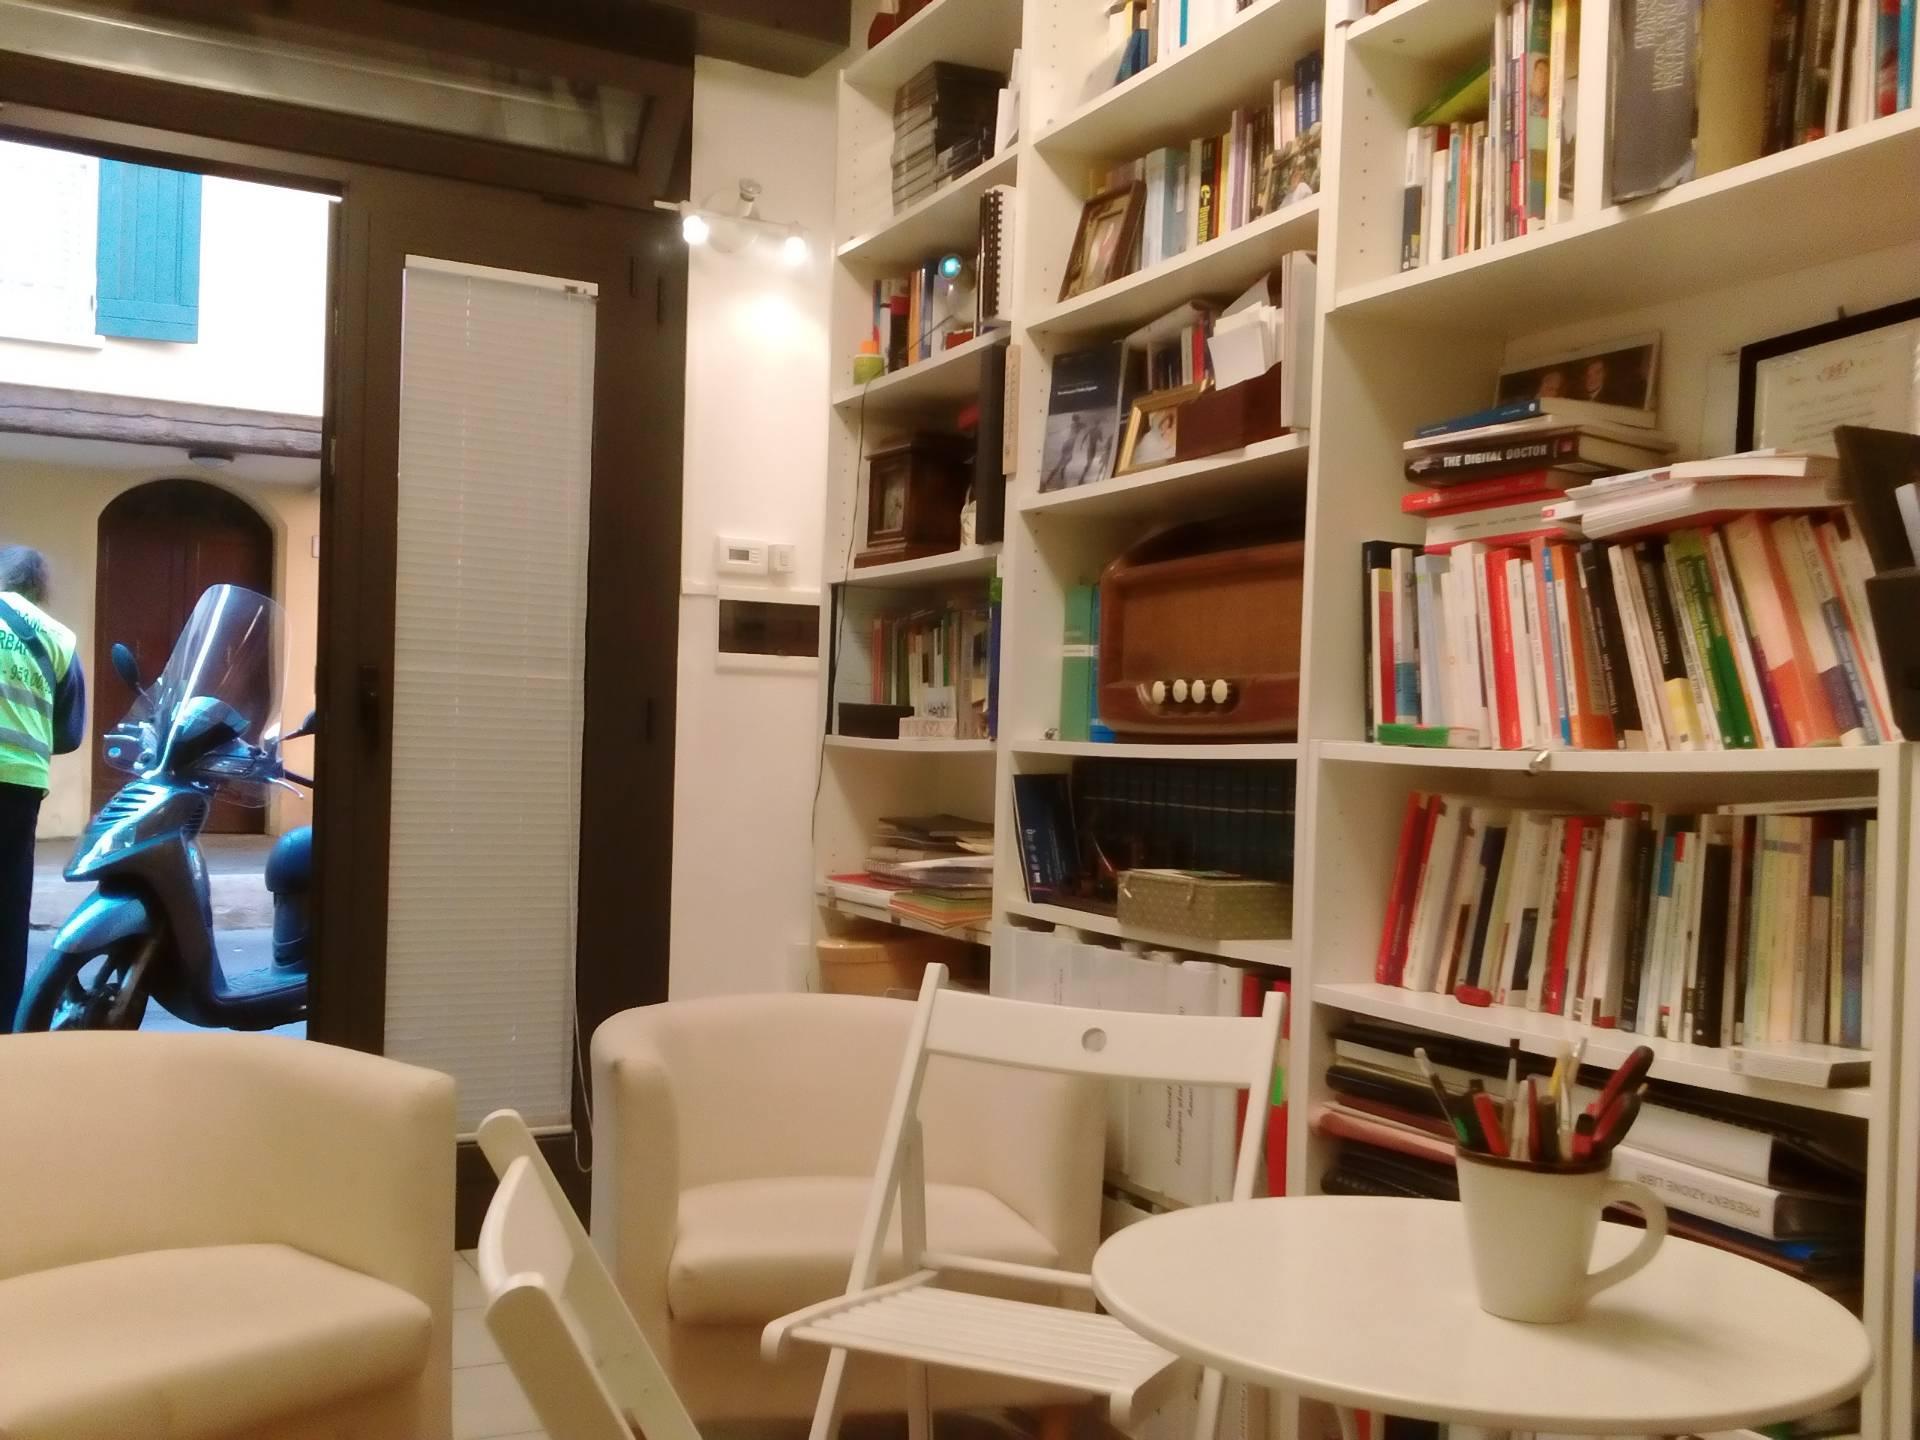 Spazio Vitale Studio Immobiliare negozi in vendita a bologna in zona strada maggiore. cerca